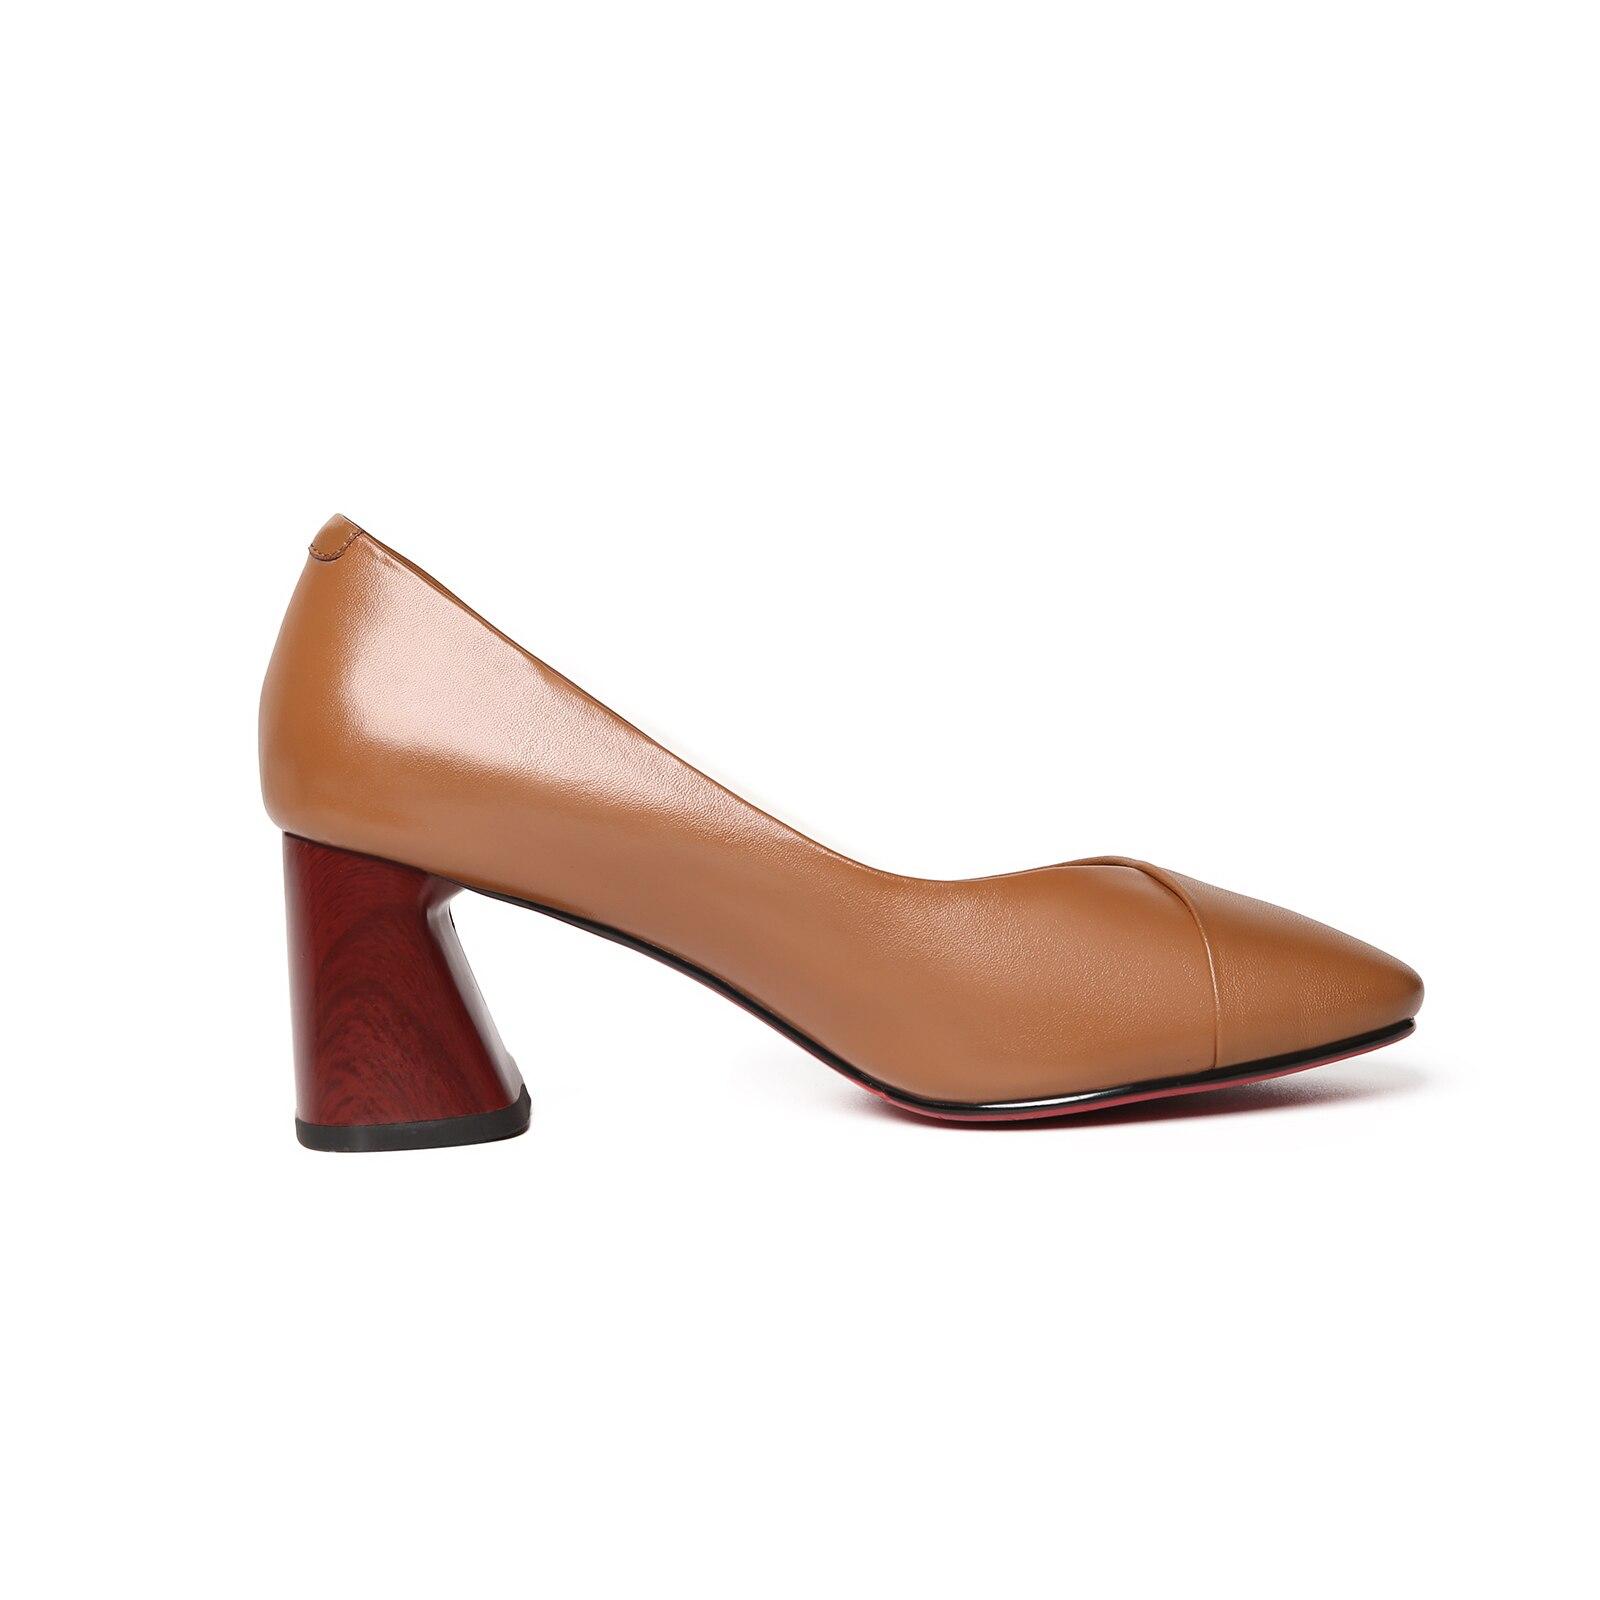 Bureau Noir jaune Véritable Carrière En Cuir Haute Chaussures Talons 2019 Mode Salu Carré De Et Solide Pompes Femmes TFac1